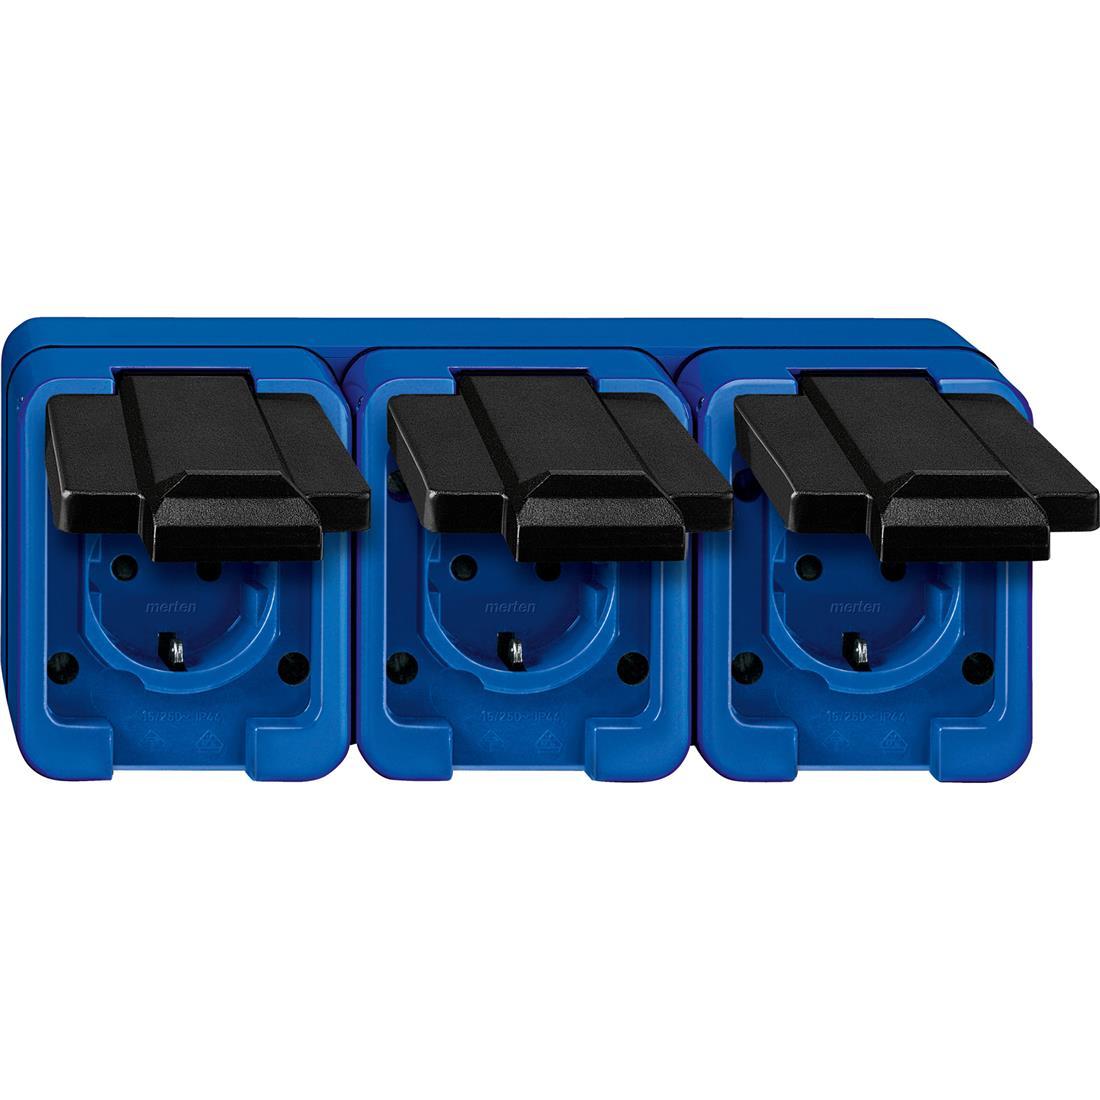 Schneider-Merten Slagvast 3-voudig wandcontactdoos horizontaal - blauw (229375)